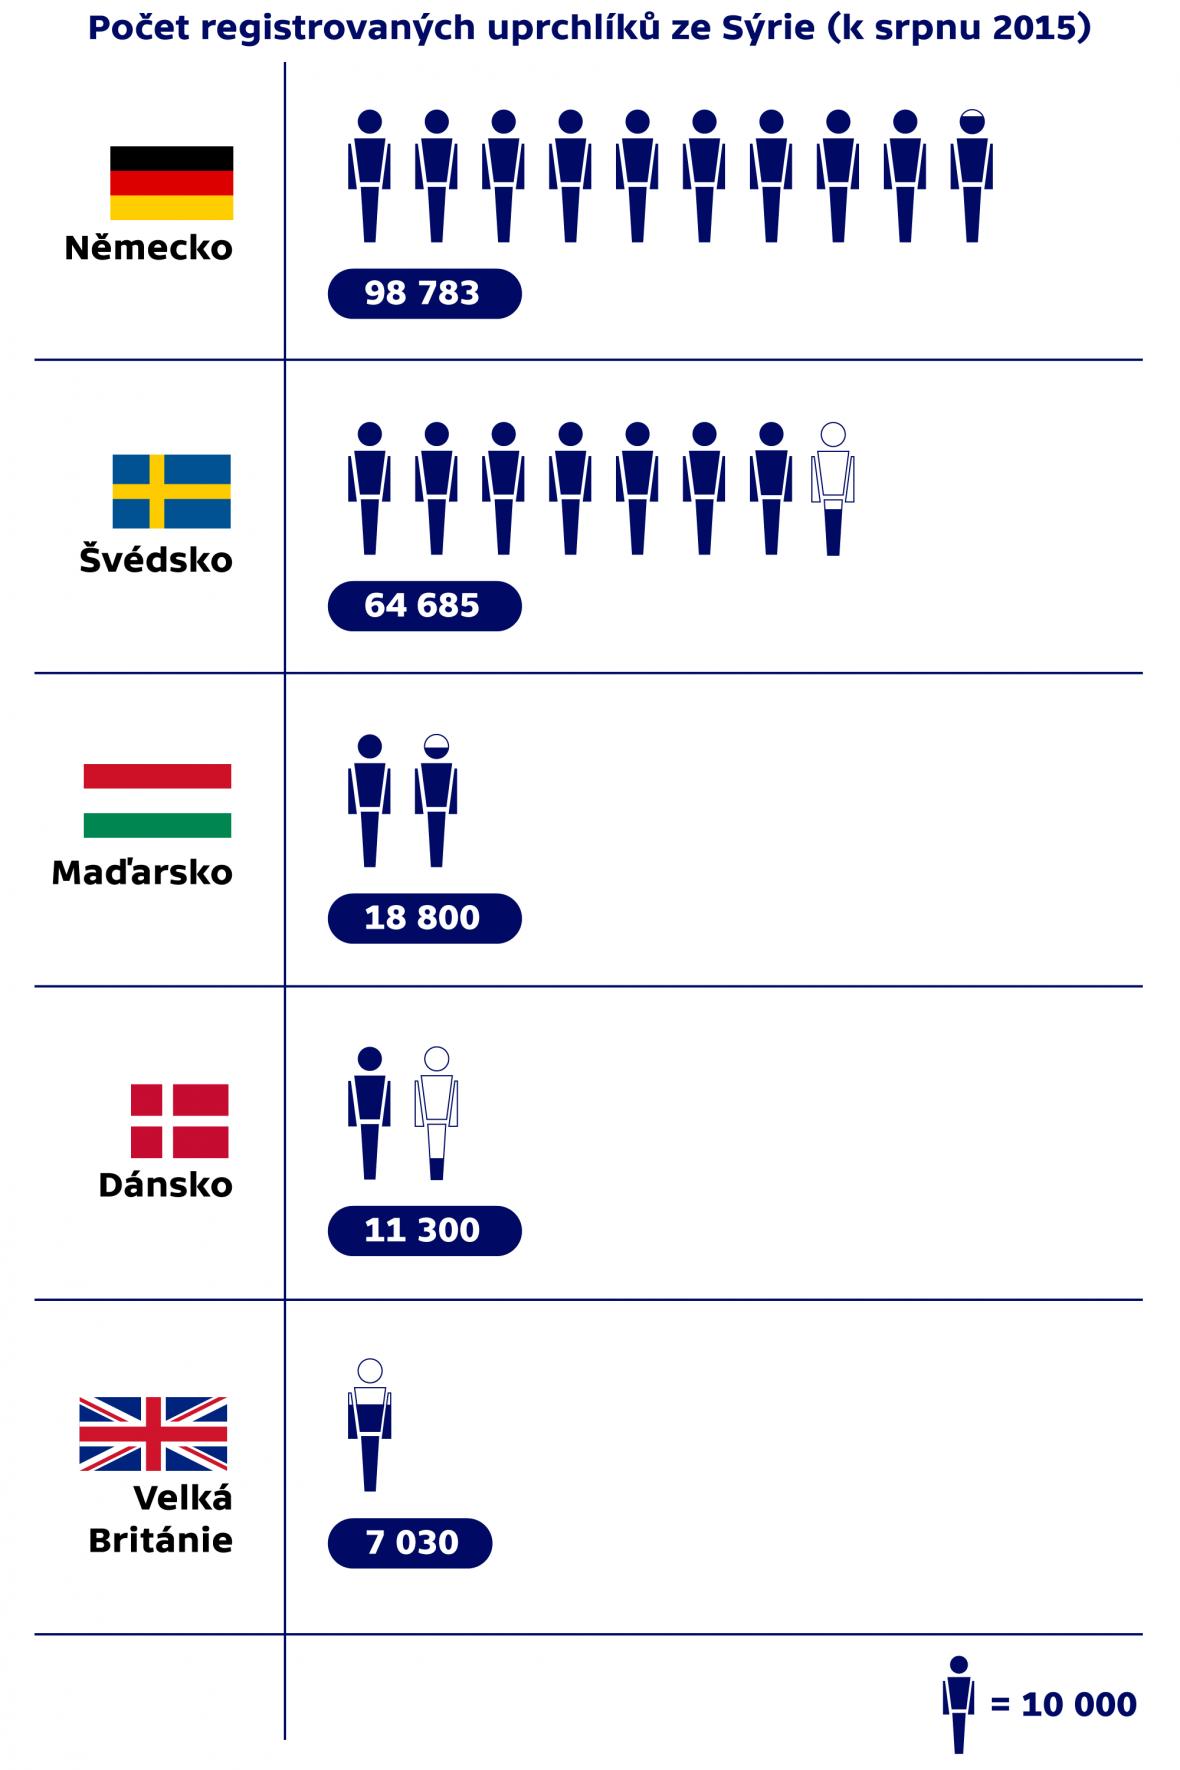 Počet registrovaných uprchlíků ze Sýrie